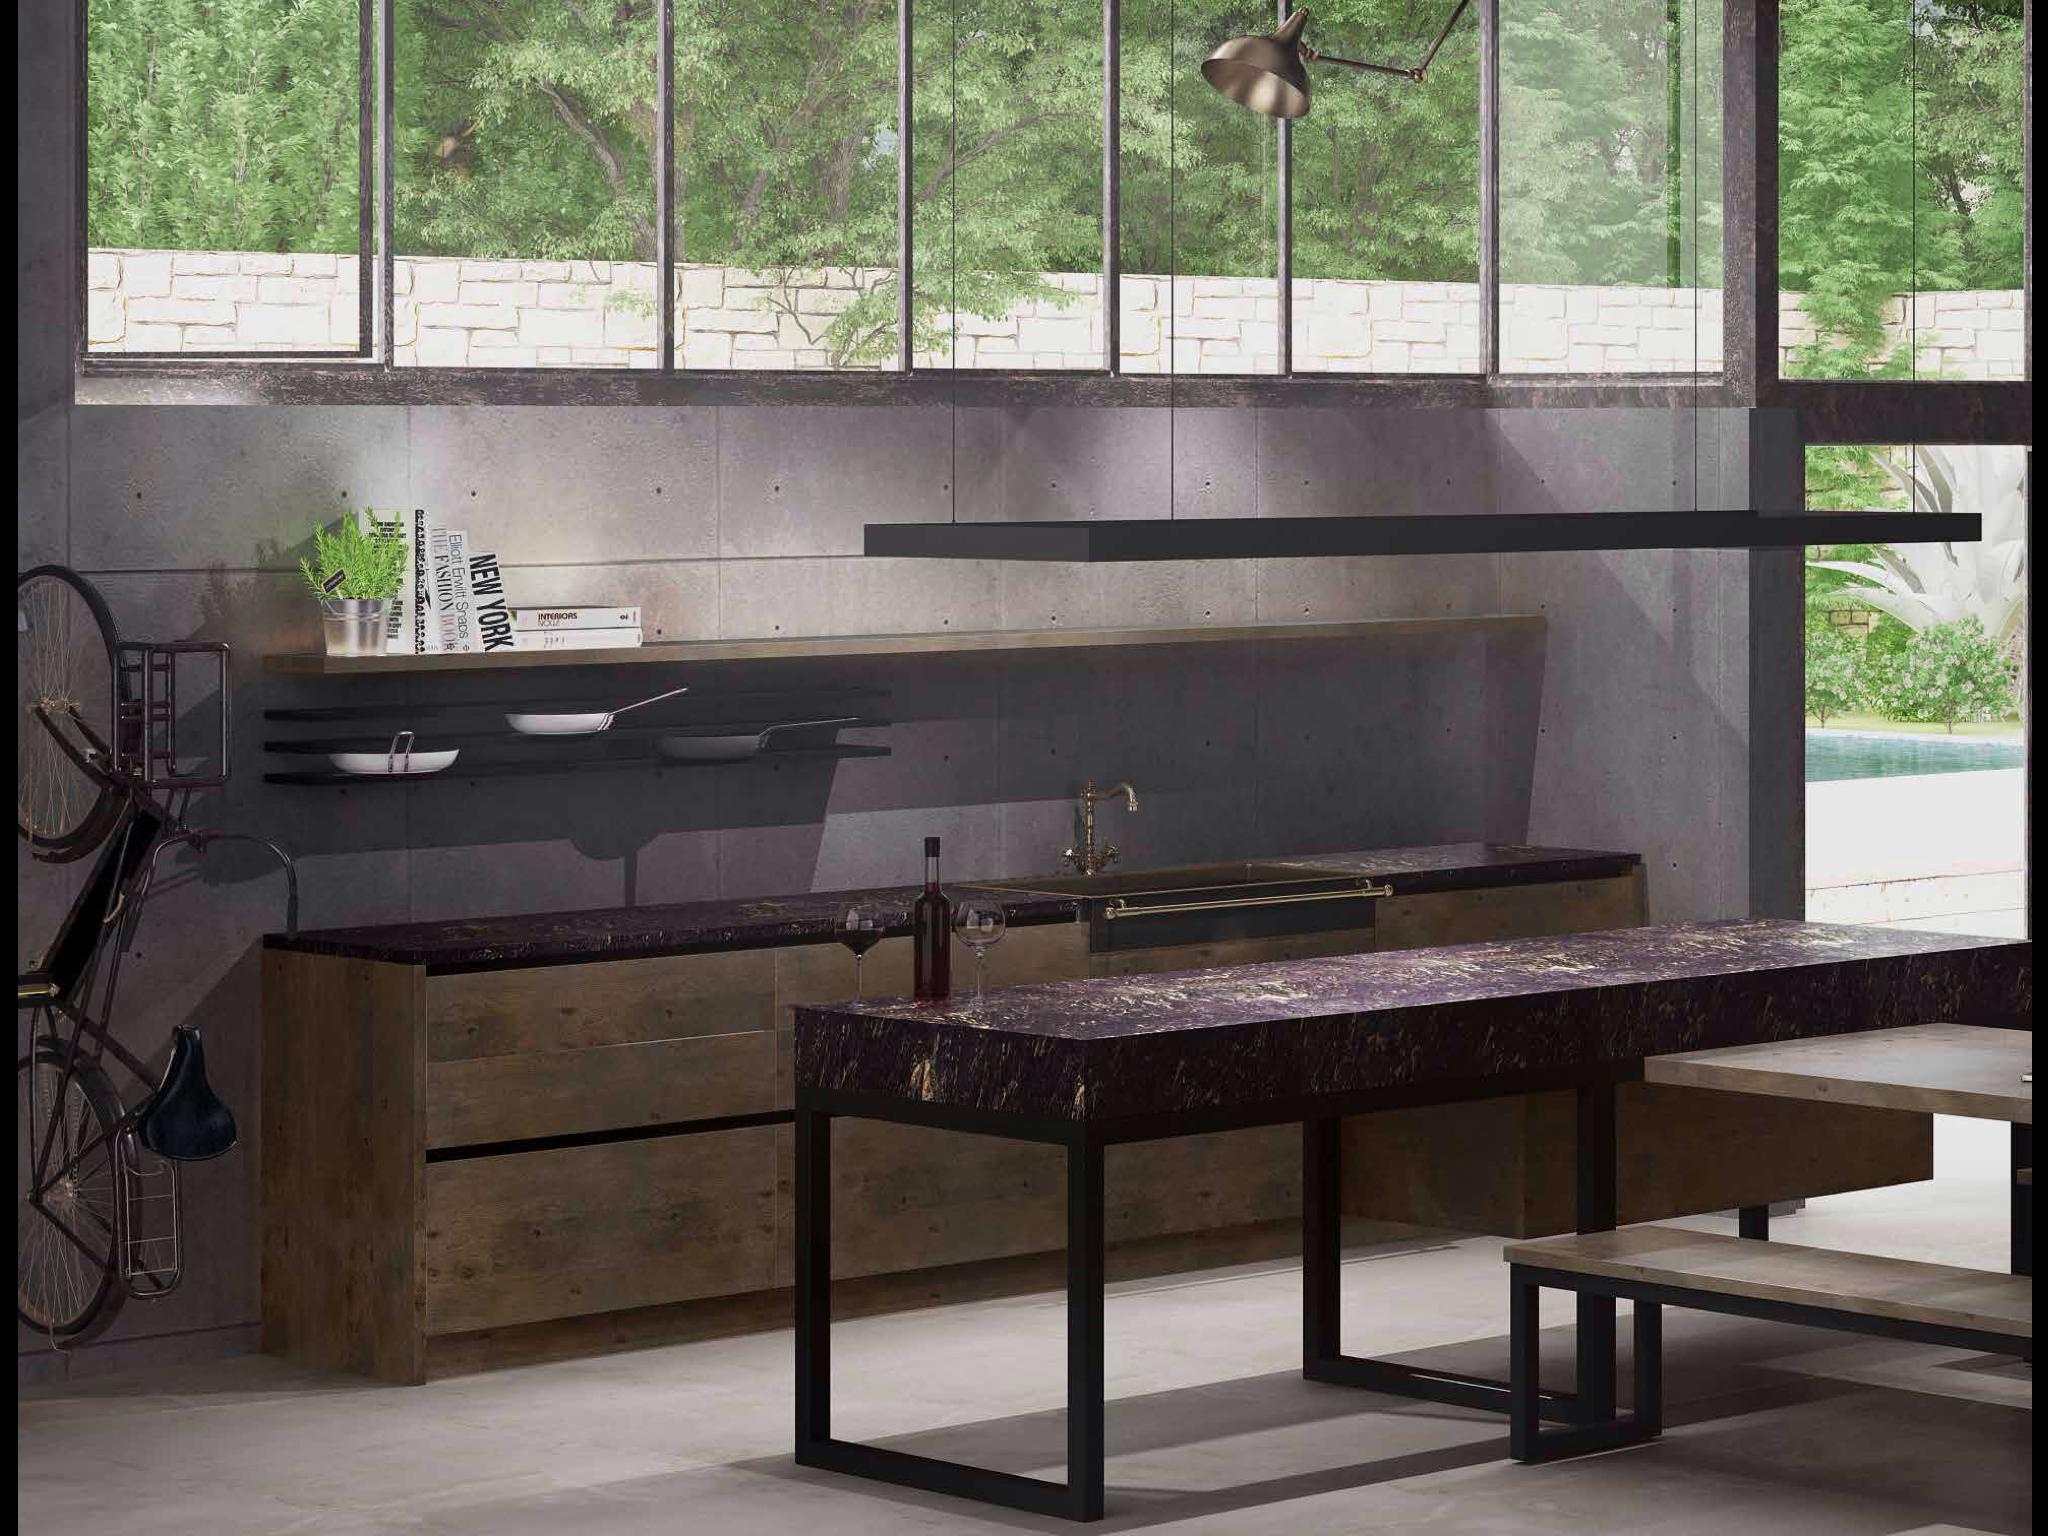 Tienda de muebles almeria idea creativa della casa e for Dismobel muebles catalogo